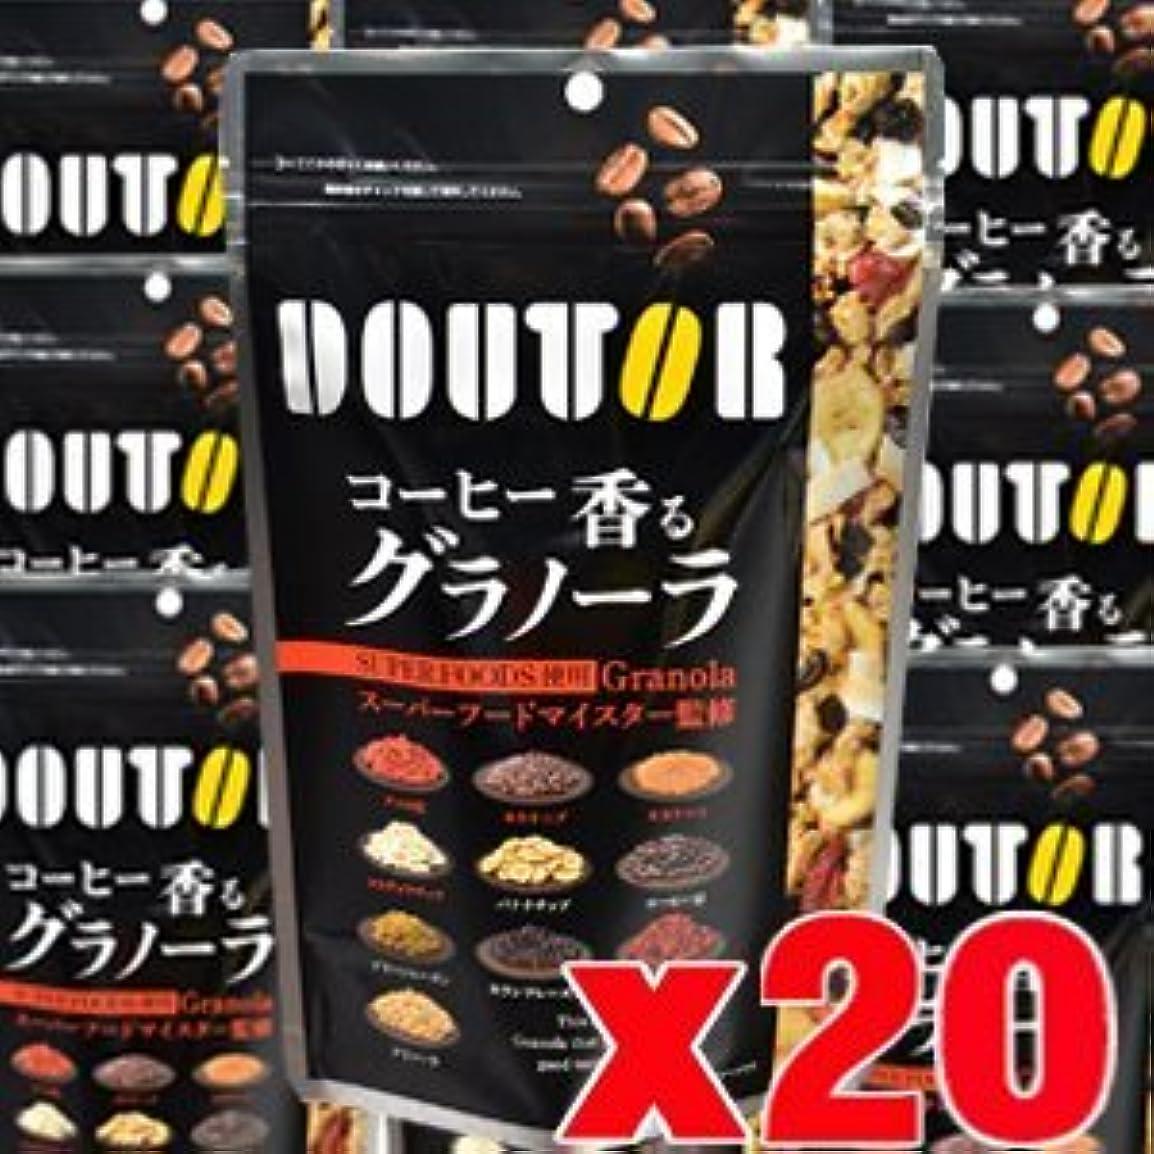 器具安全でないタイプ【20個】 ドトール コーヒー香るグラノーラ 210gx20個 (4946763053654-20)